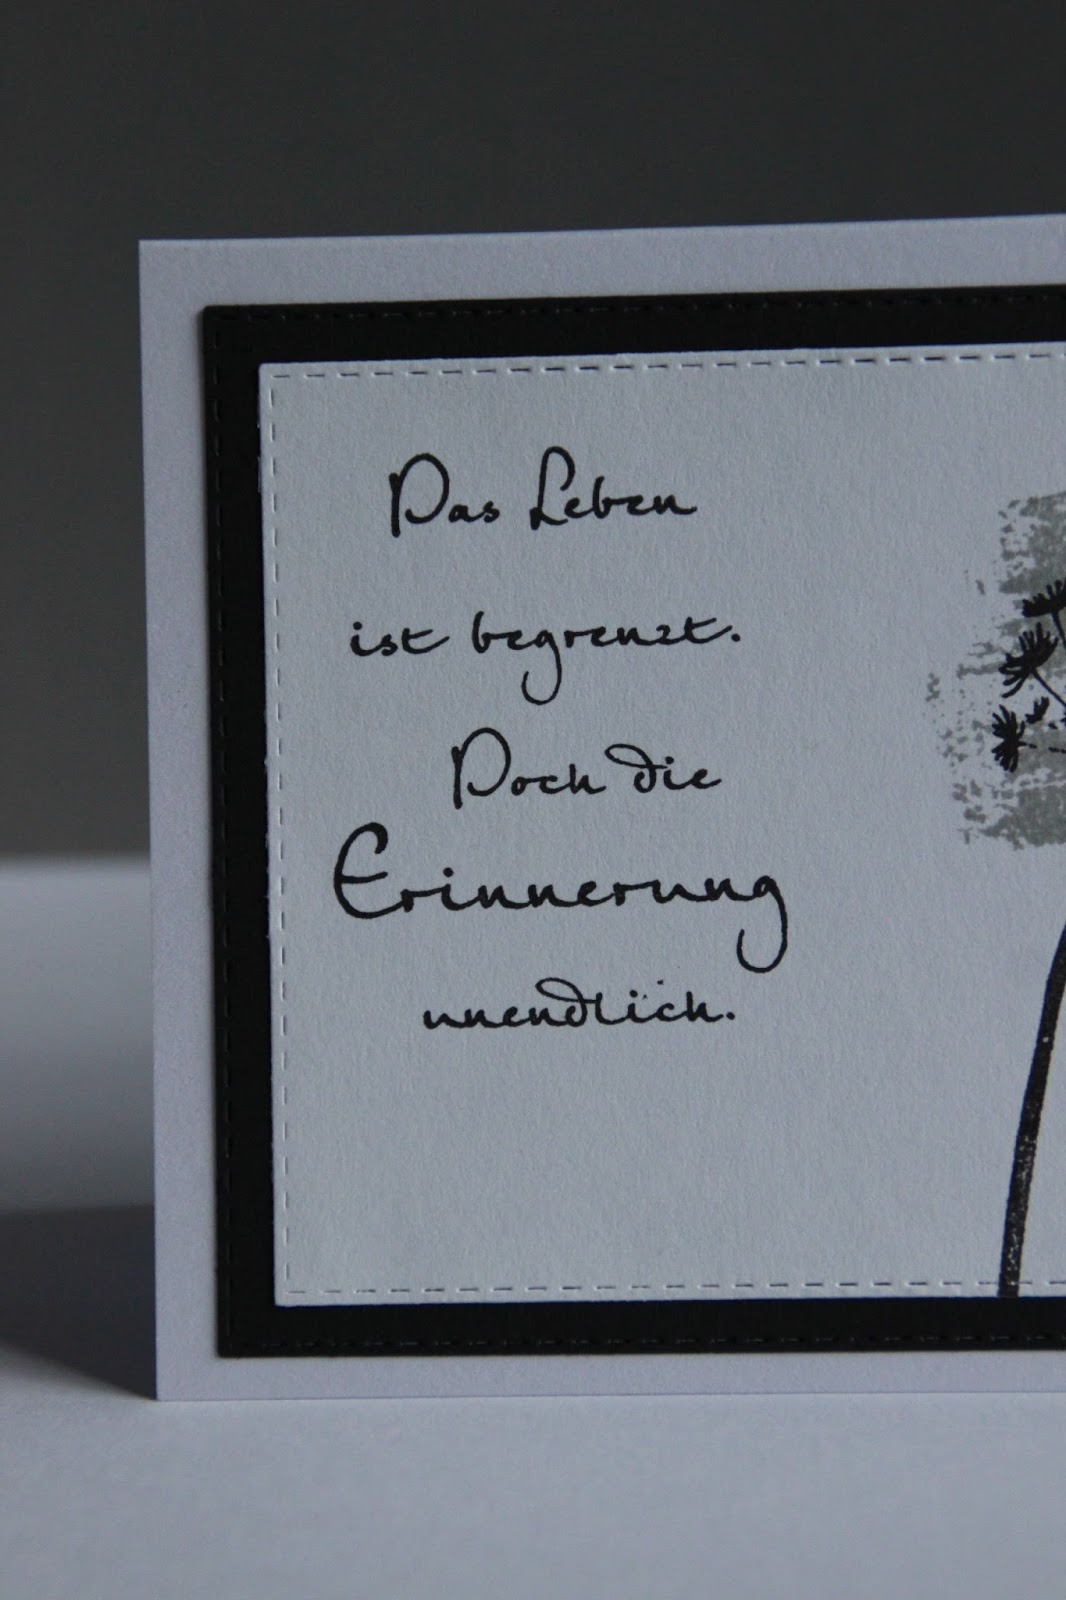 Beileidswunsche Fur Karten: Ohne Kreativität, Ohne Mich: Trauerkarte